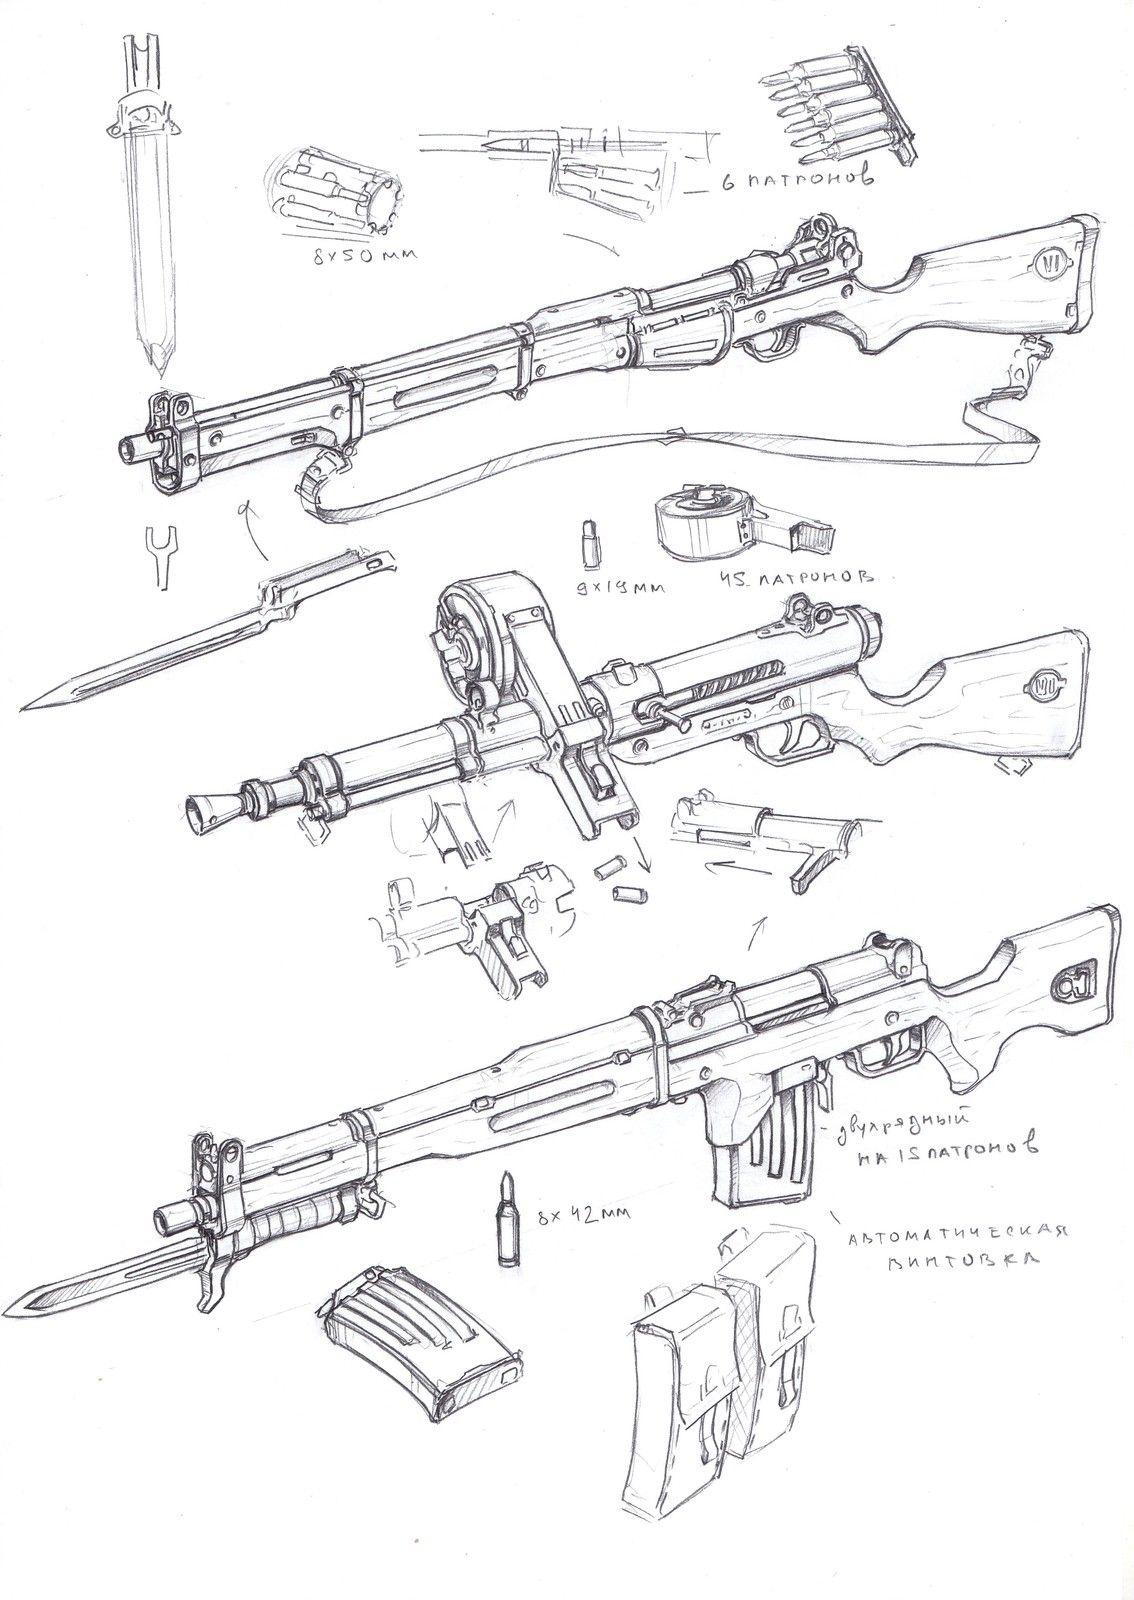 Épinglé Par Doc. Sur Machine | Fusil Dessin, Tutoriel Dessin intérieur Comment Dessiner Un Fusil